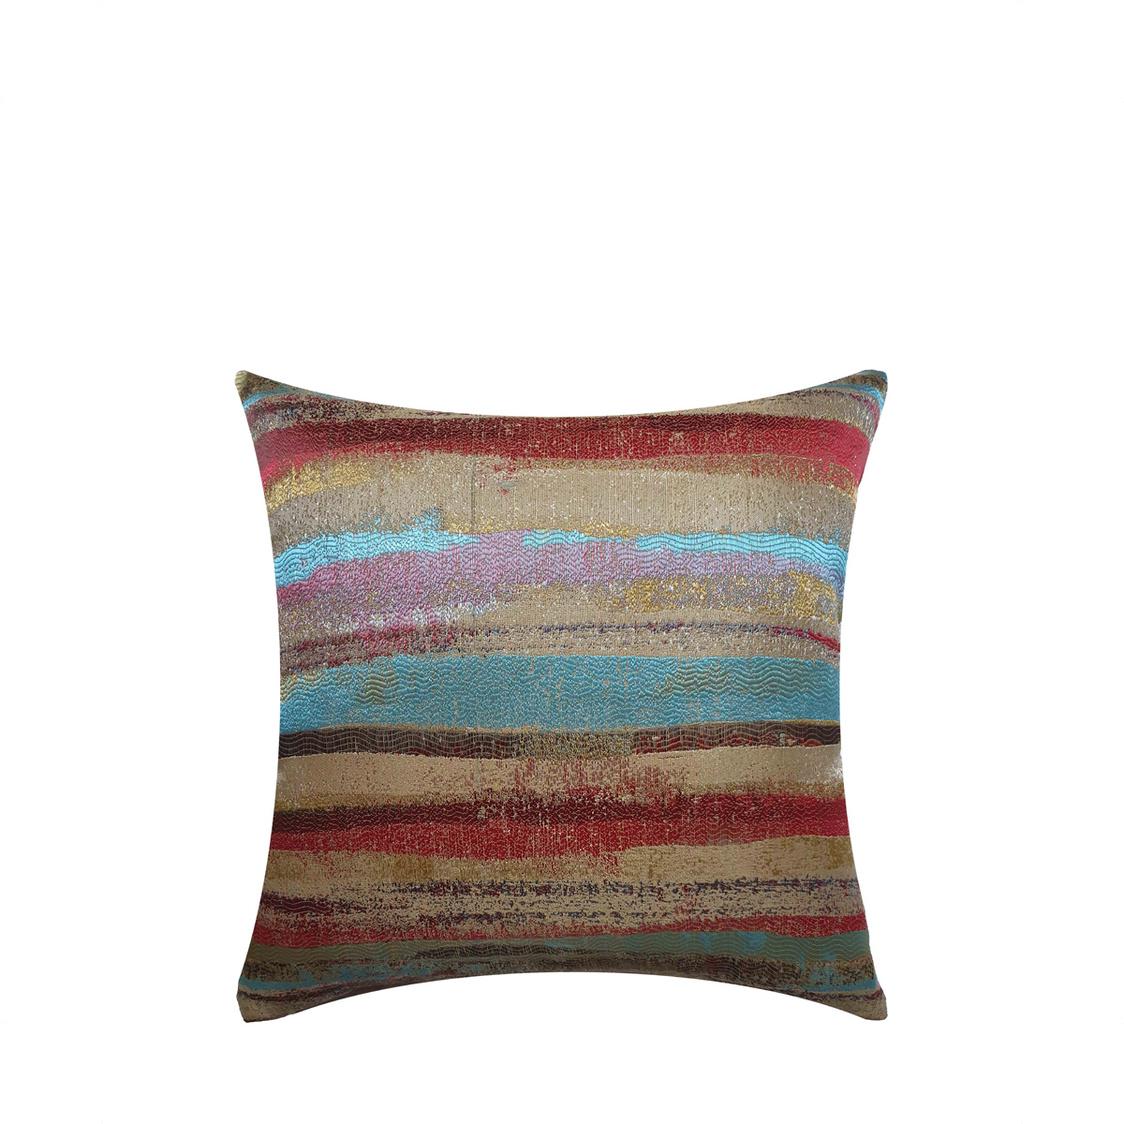 JRapee Mercer Cushion Cover Multi 43x43cm